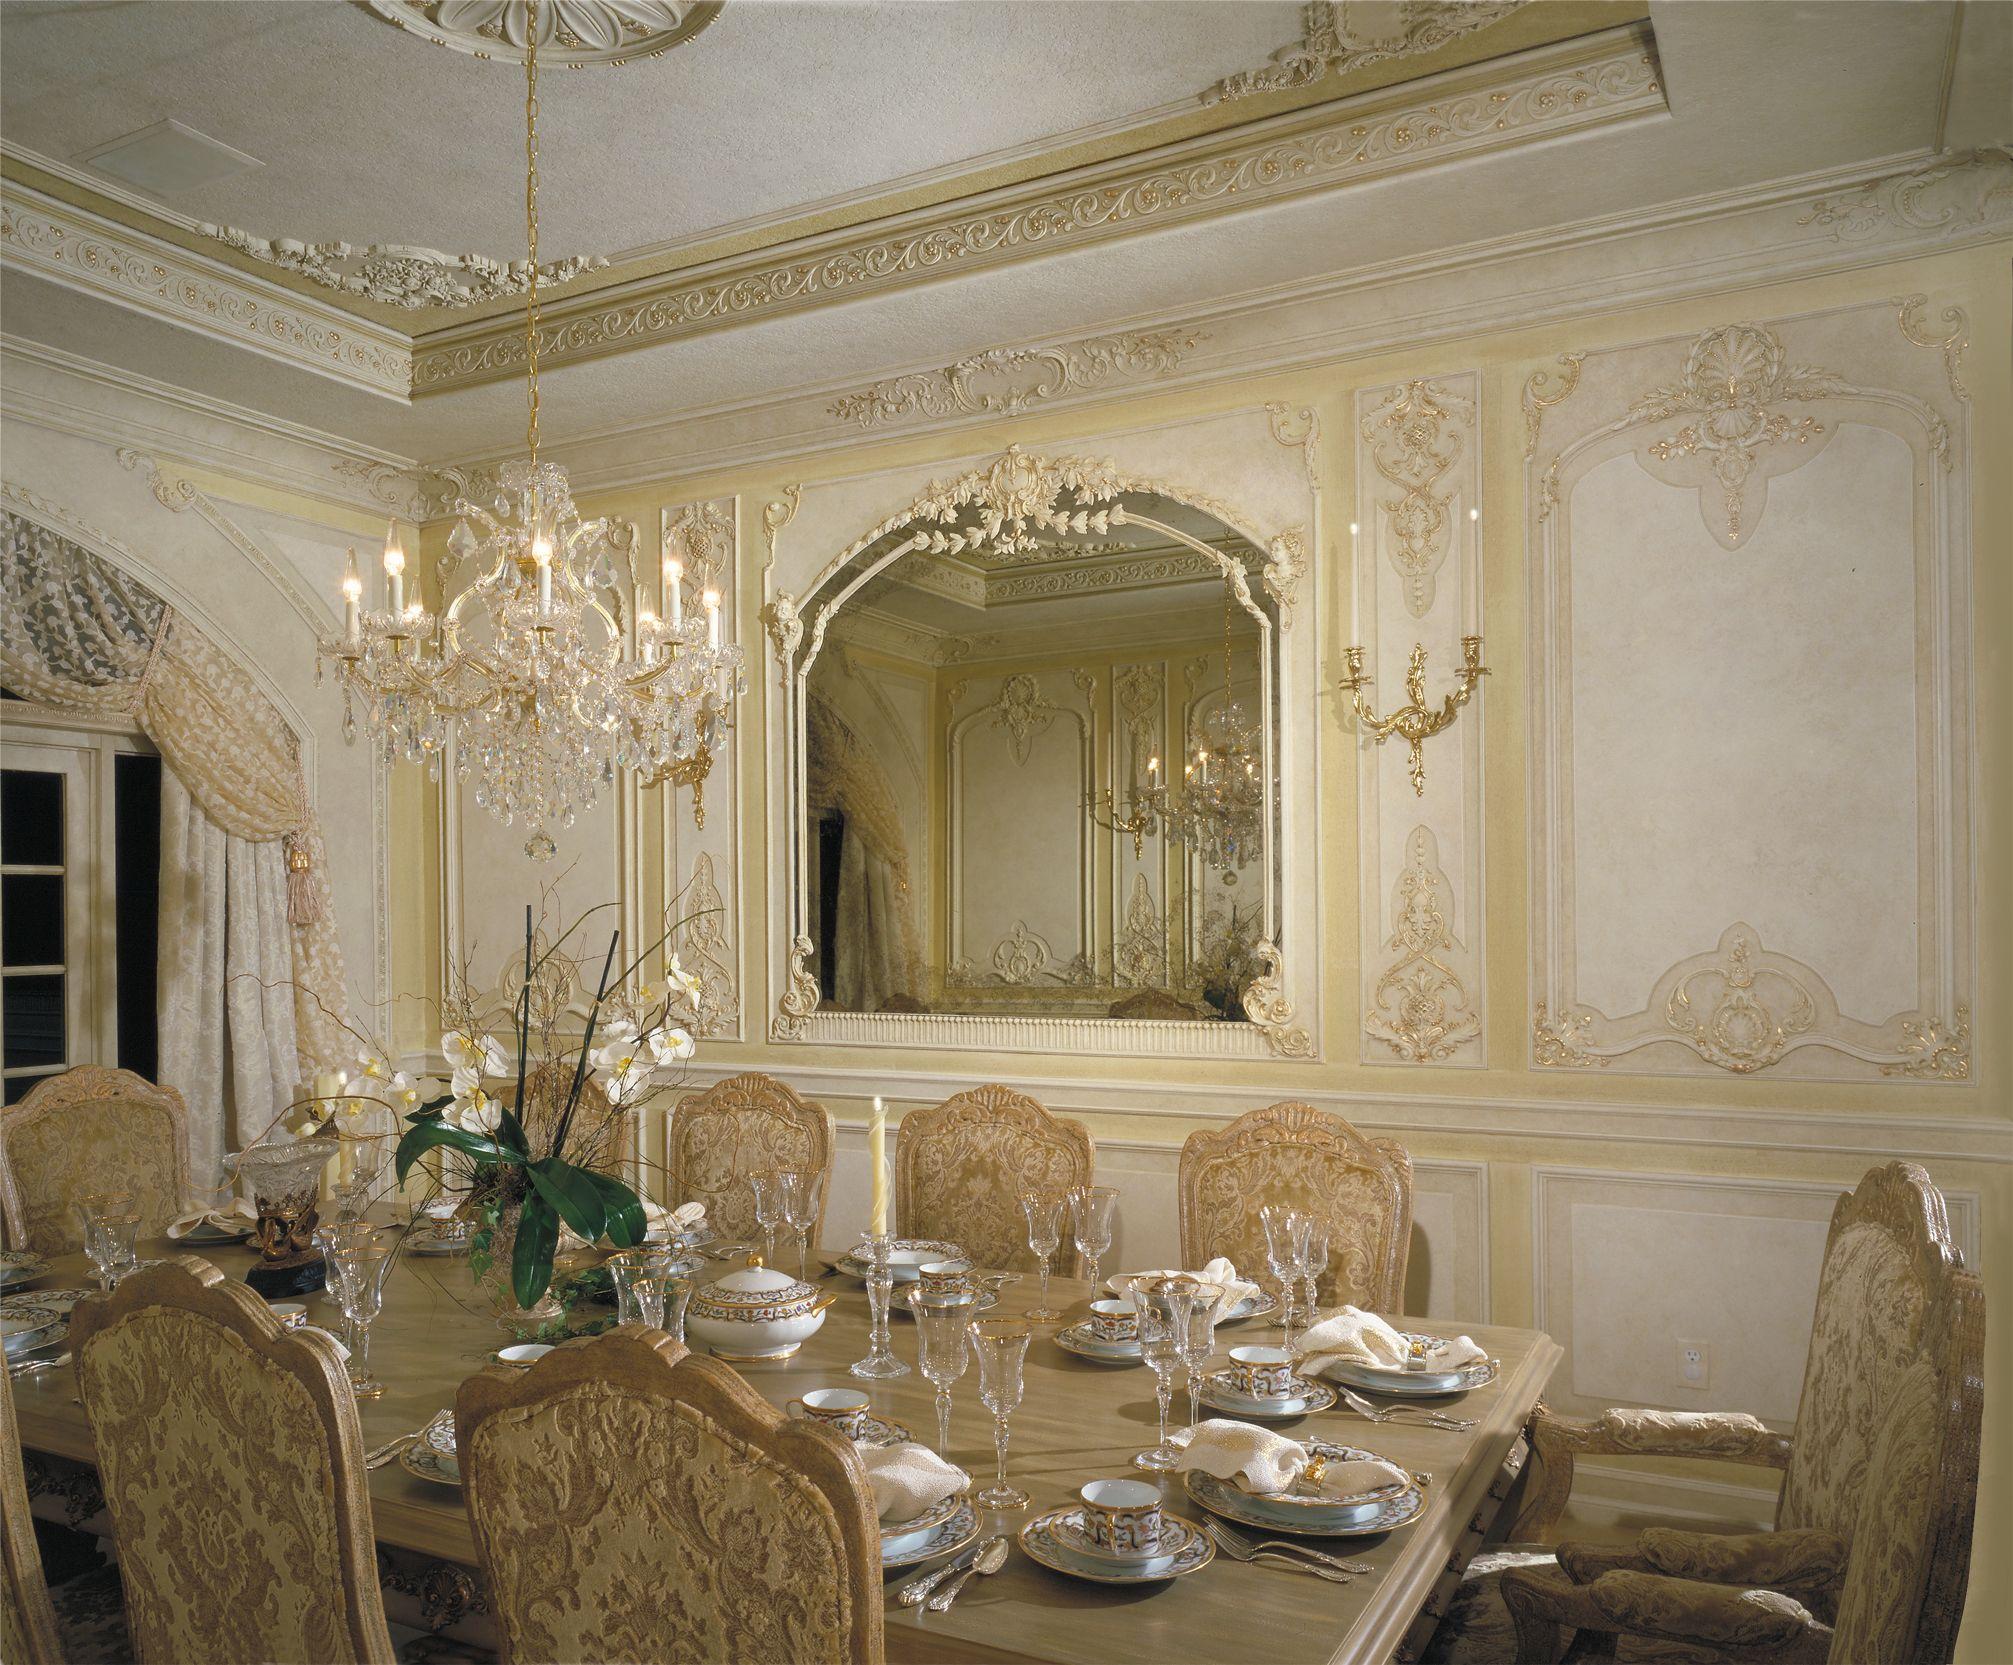 original custom designed dining room in french boiserie elegant